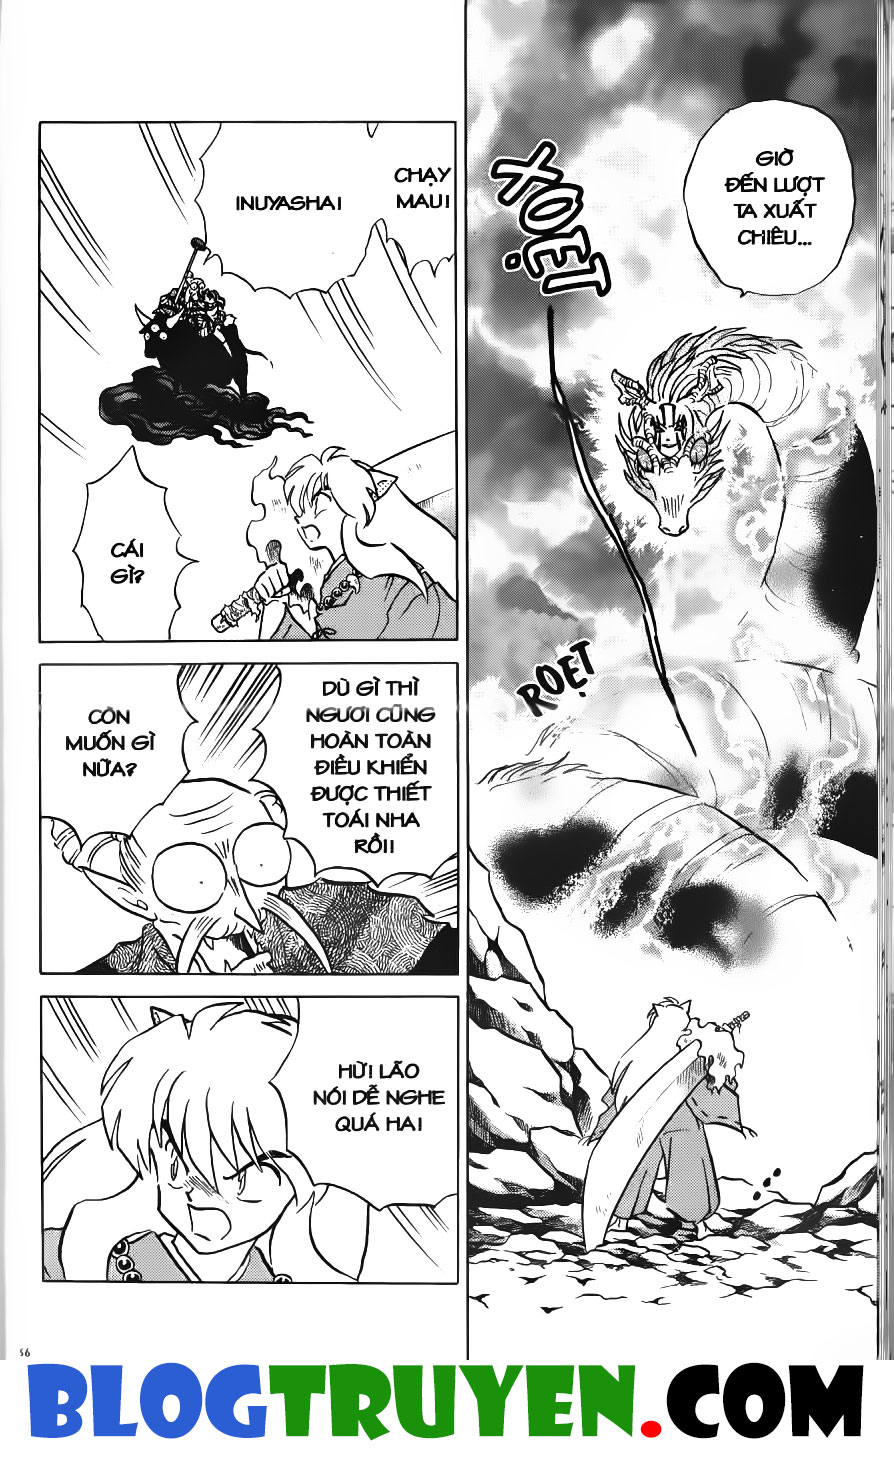 Inuyasha vol 20.3 trang 14